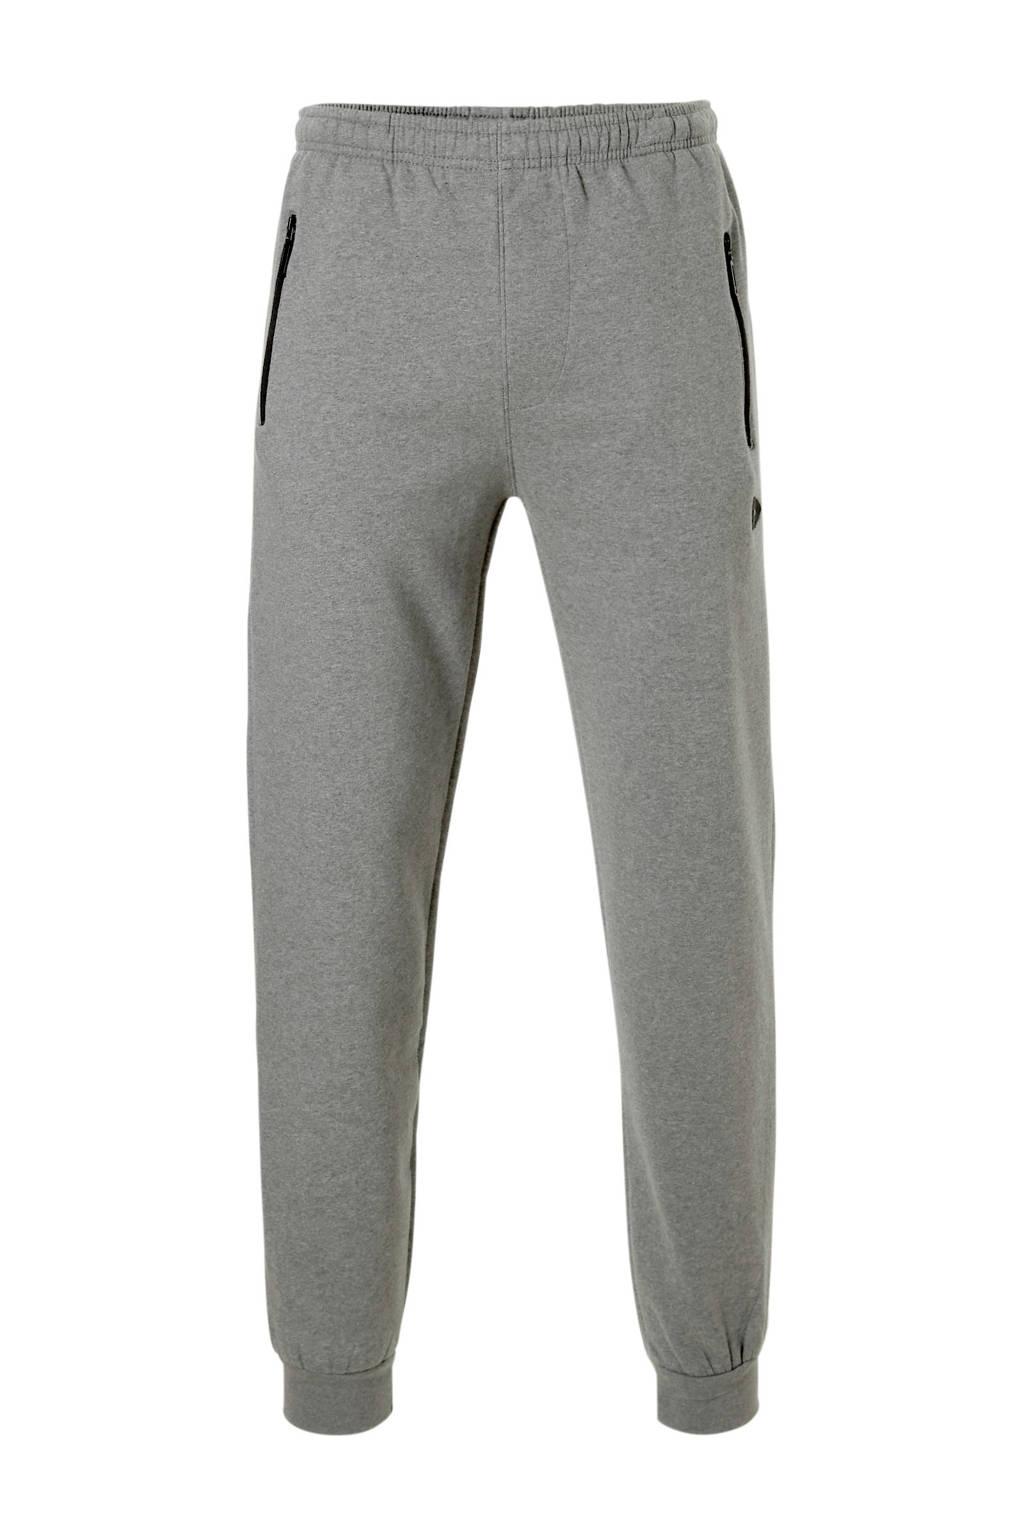 Donnay   joggingbroek grijs gemeleerd, Grijs gemeleerd